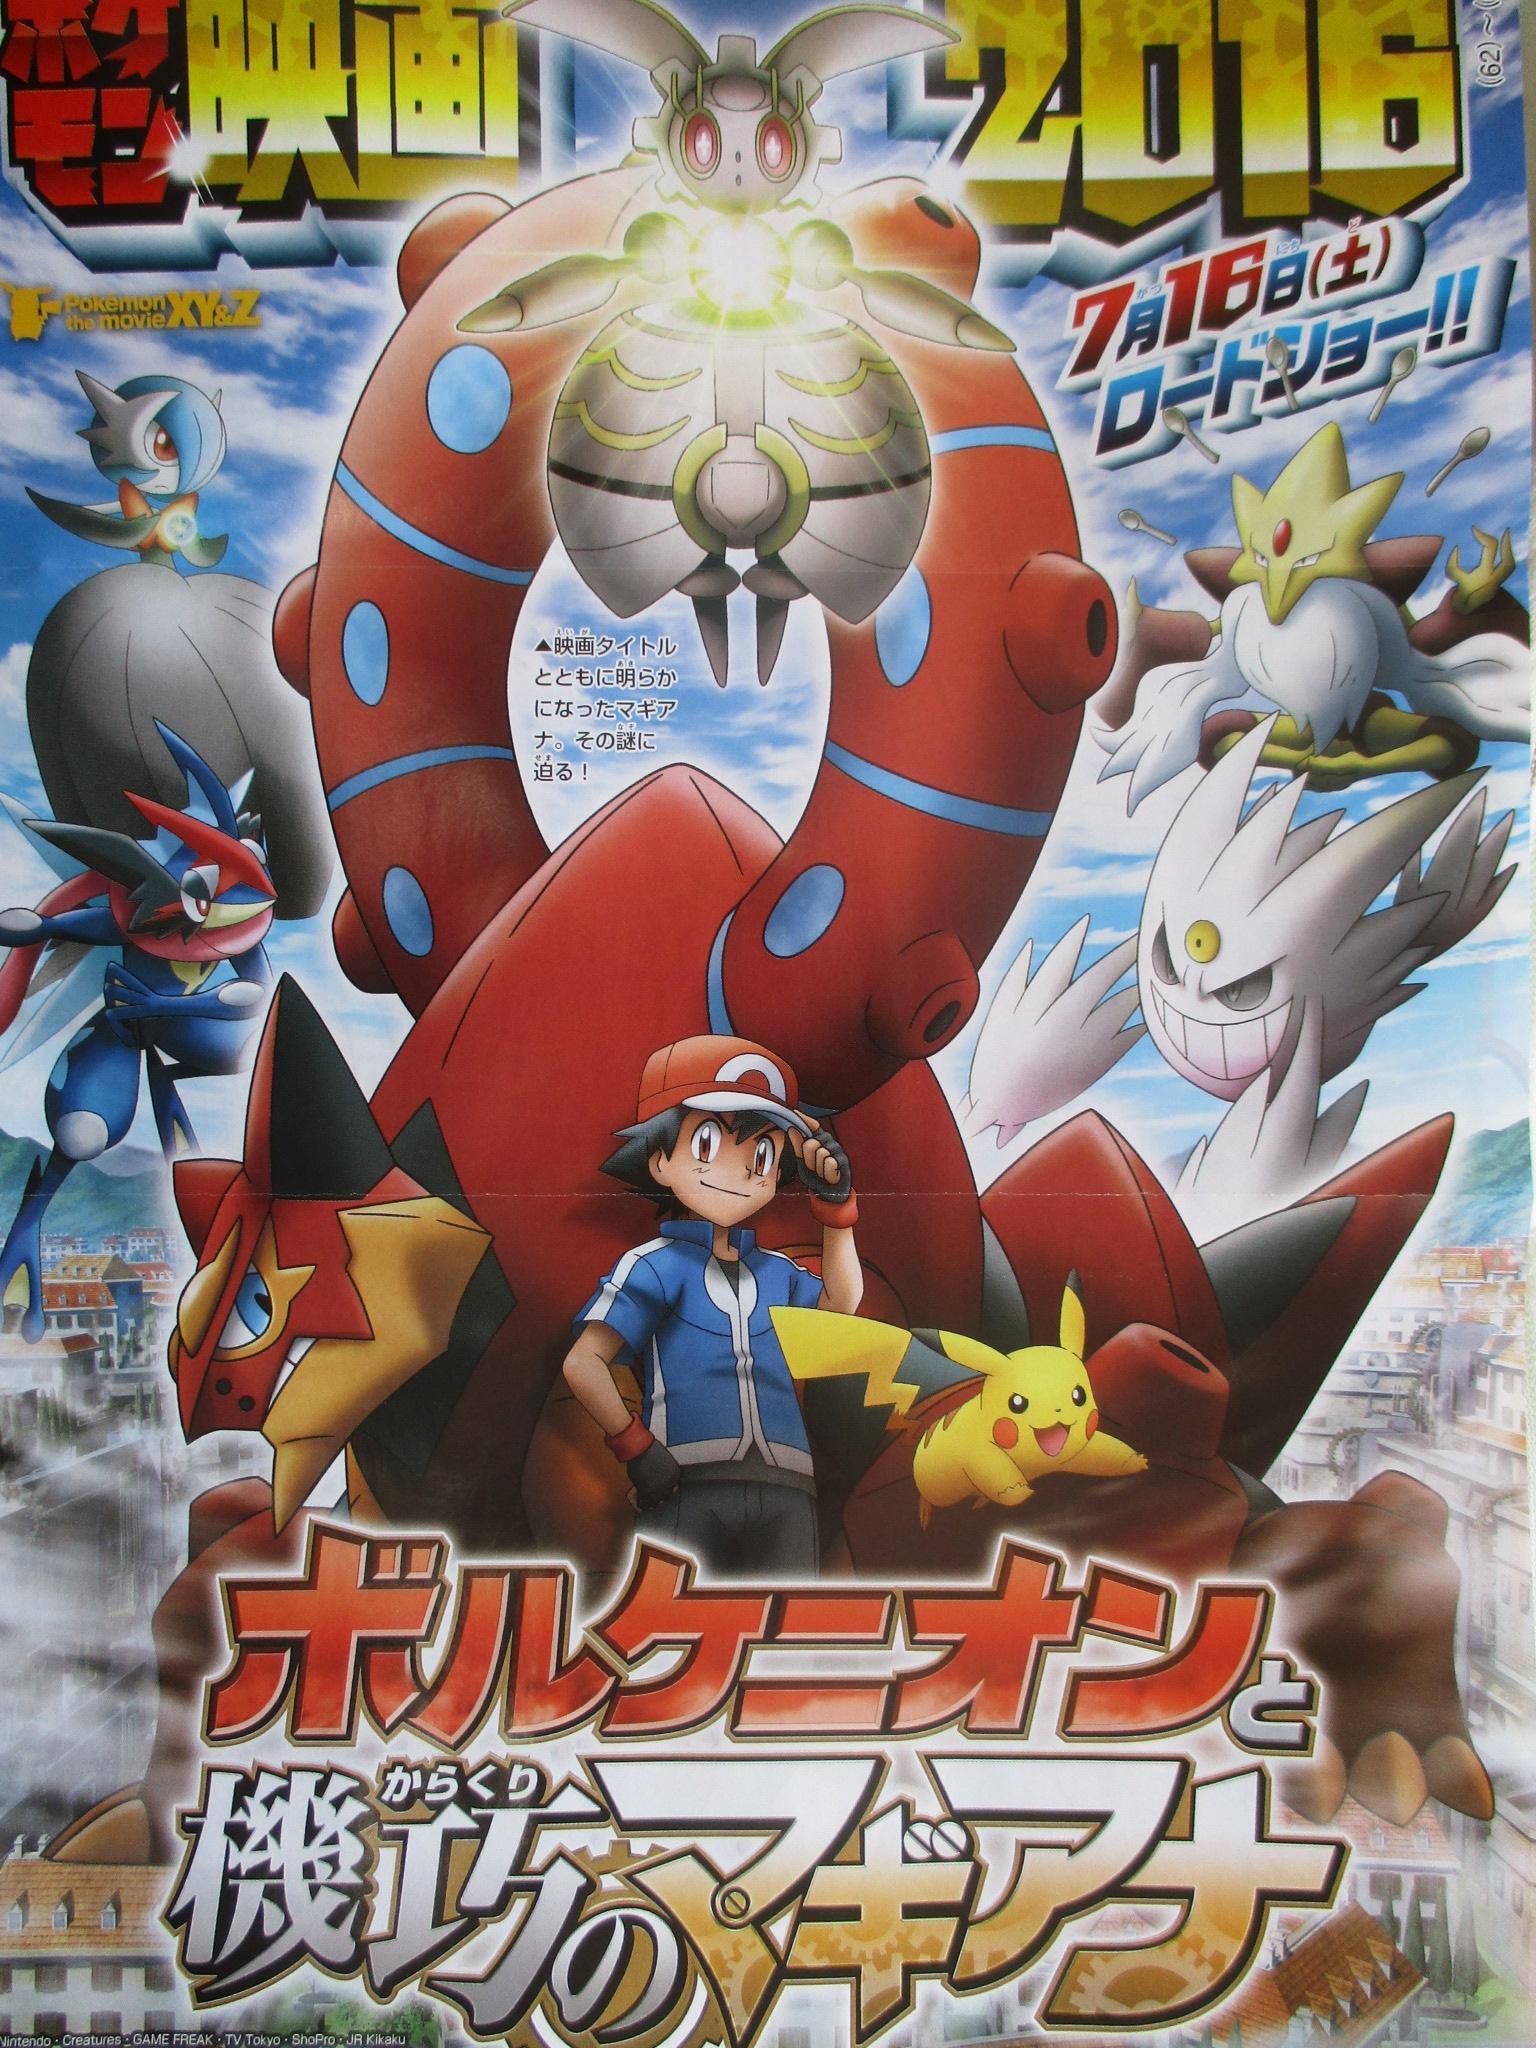 MAGIANA   Nouveau  Pokémon  UdFwZfh